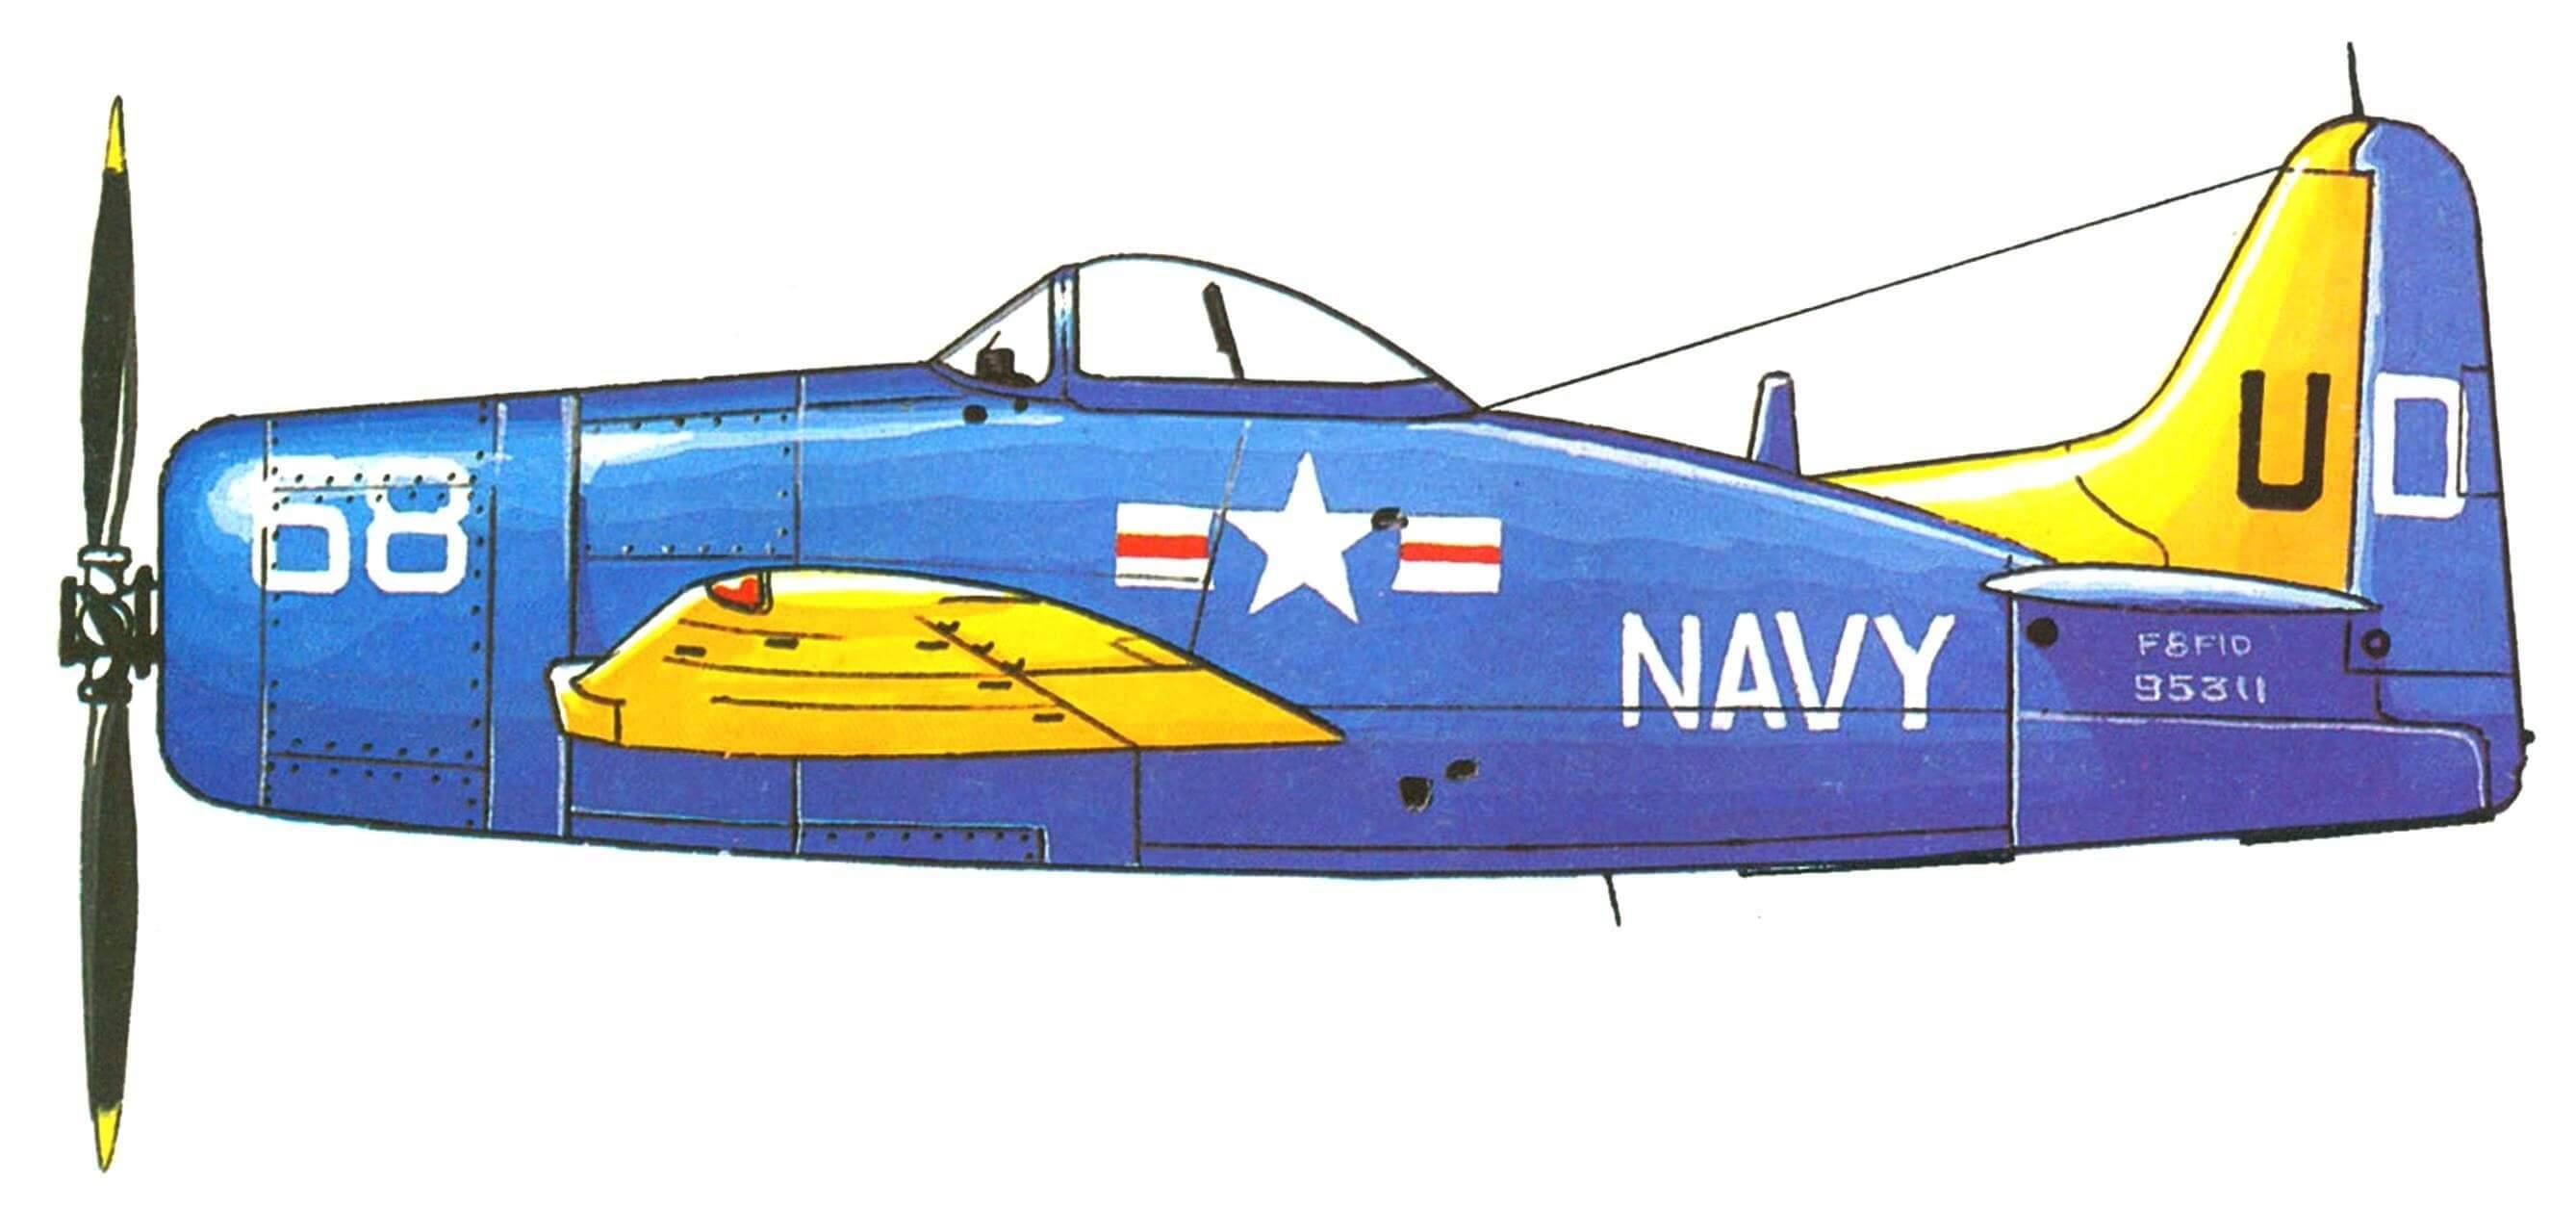 F8F-1 авиационной группы авианосца TARAWA, 1945 год